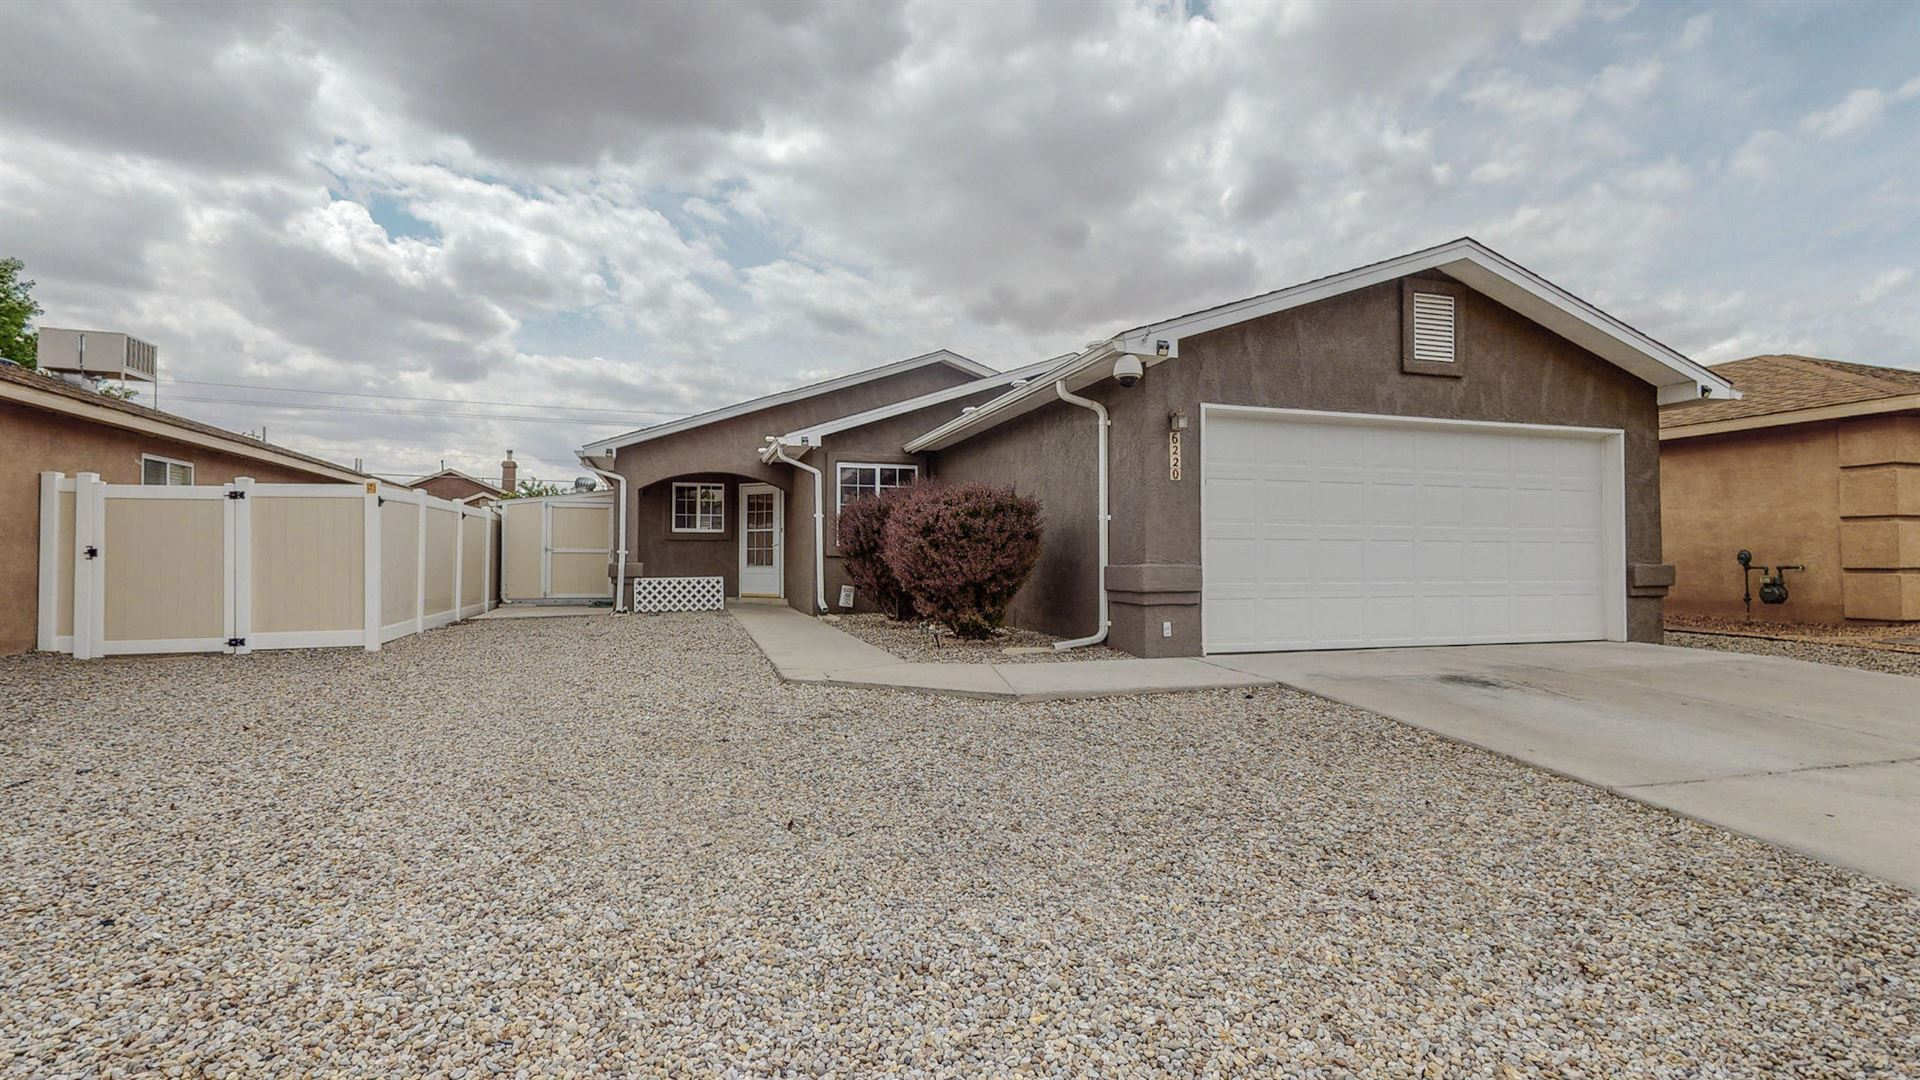 6220 EVESHAM Road NW, Albuquerque, NM 87120 - MLS#: 991217